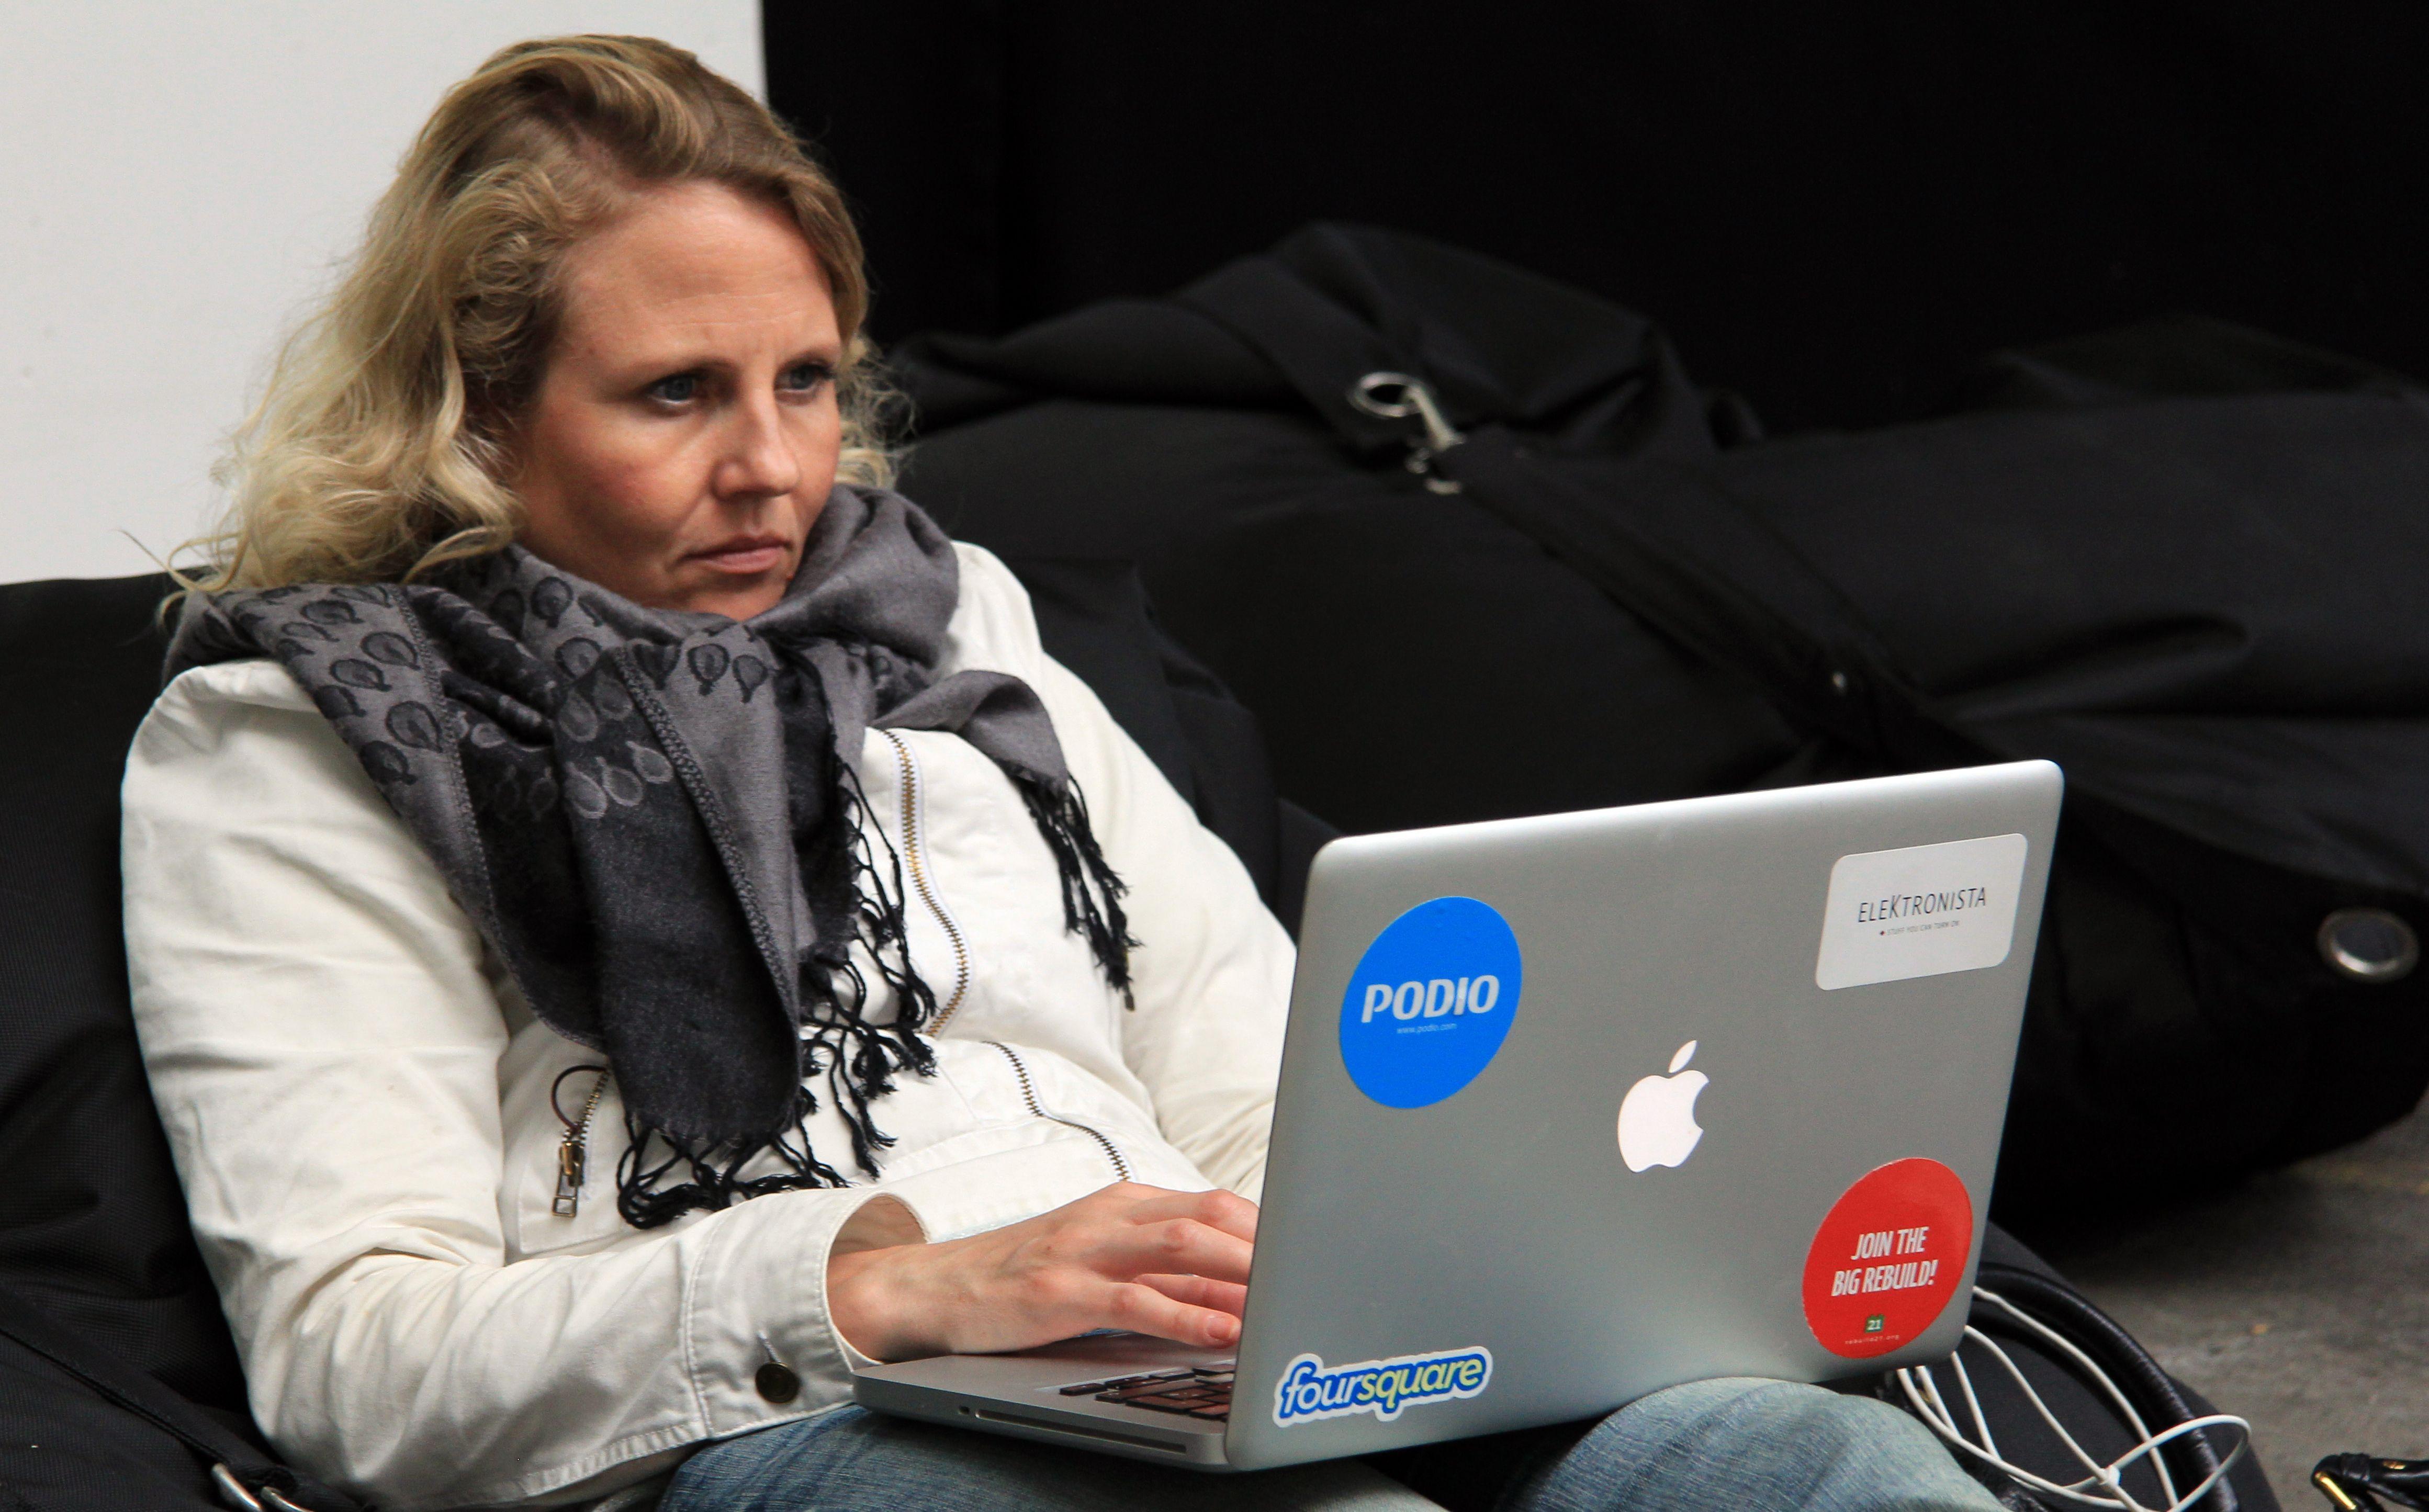 Elektronista-redaktør Christiane Vejløe tilbagelænet og dog koncentreret ved Rebuild21 Konferencen. (Foto: Ernst Poulsen)